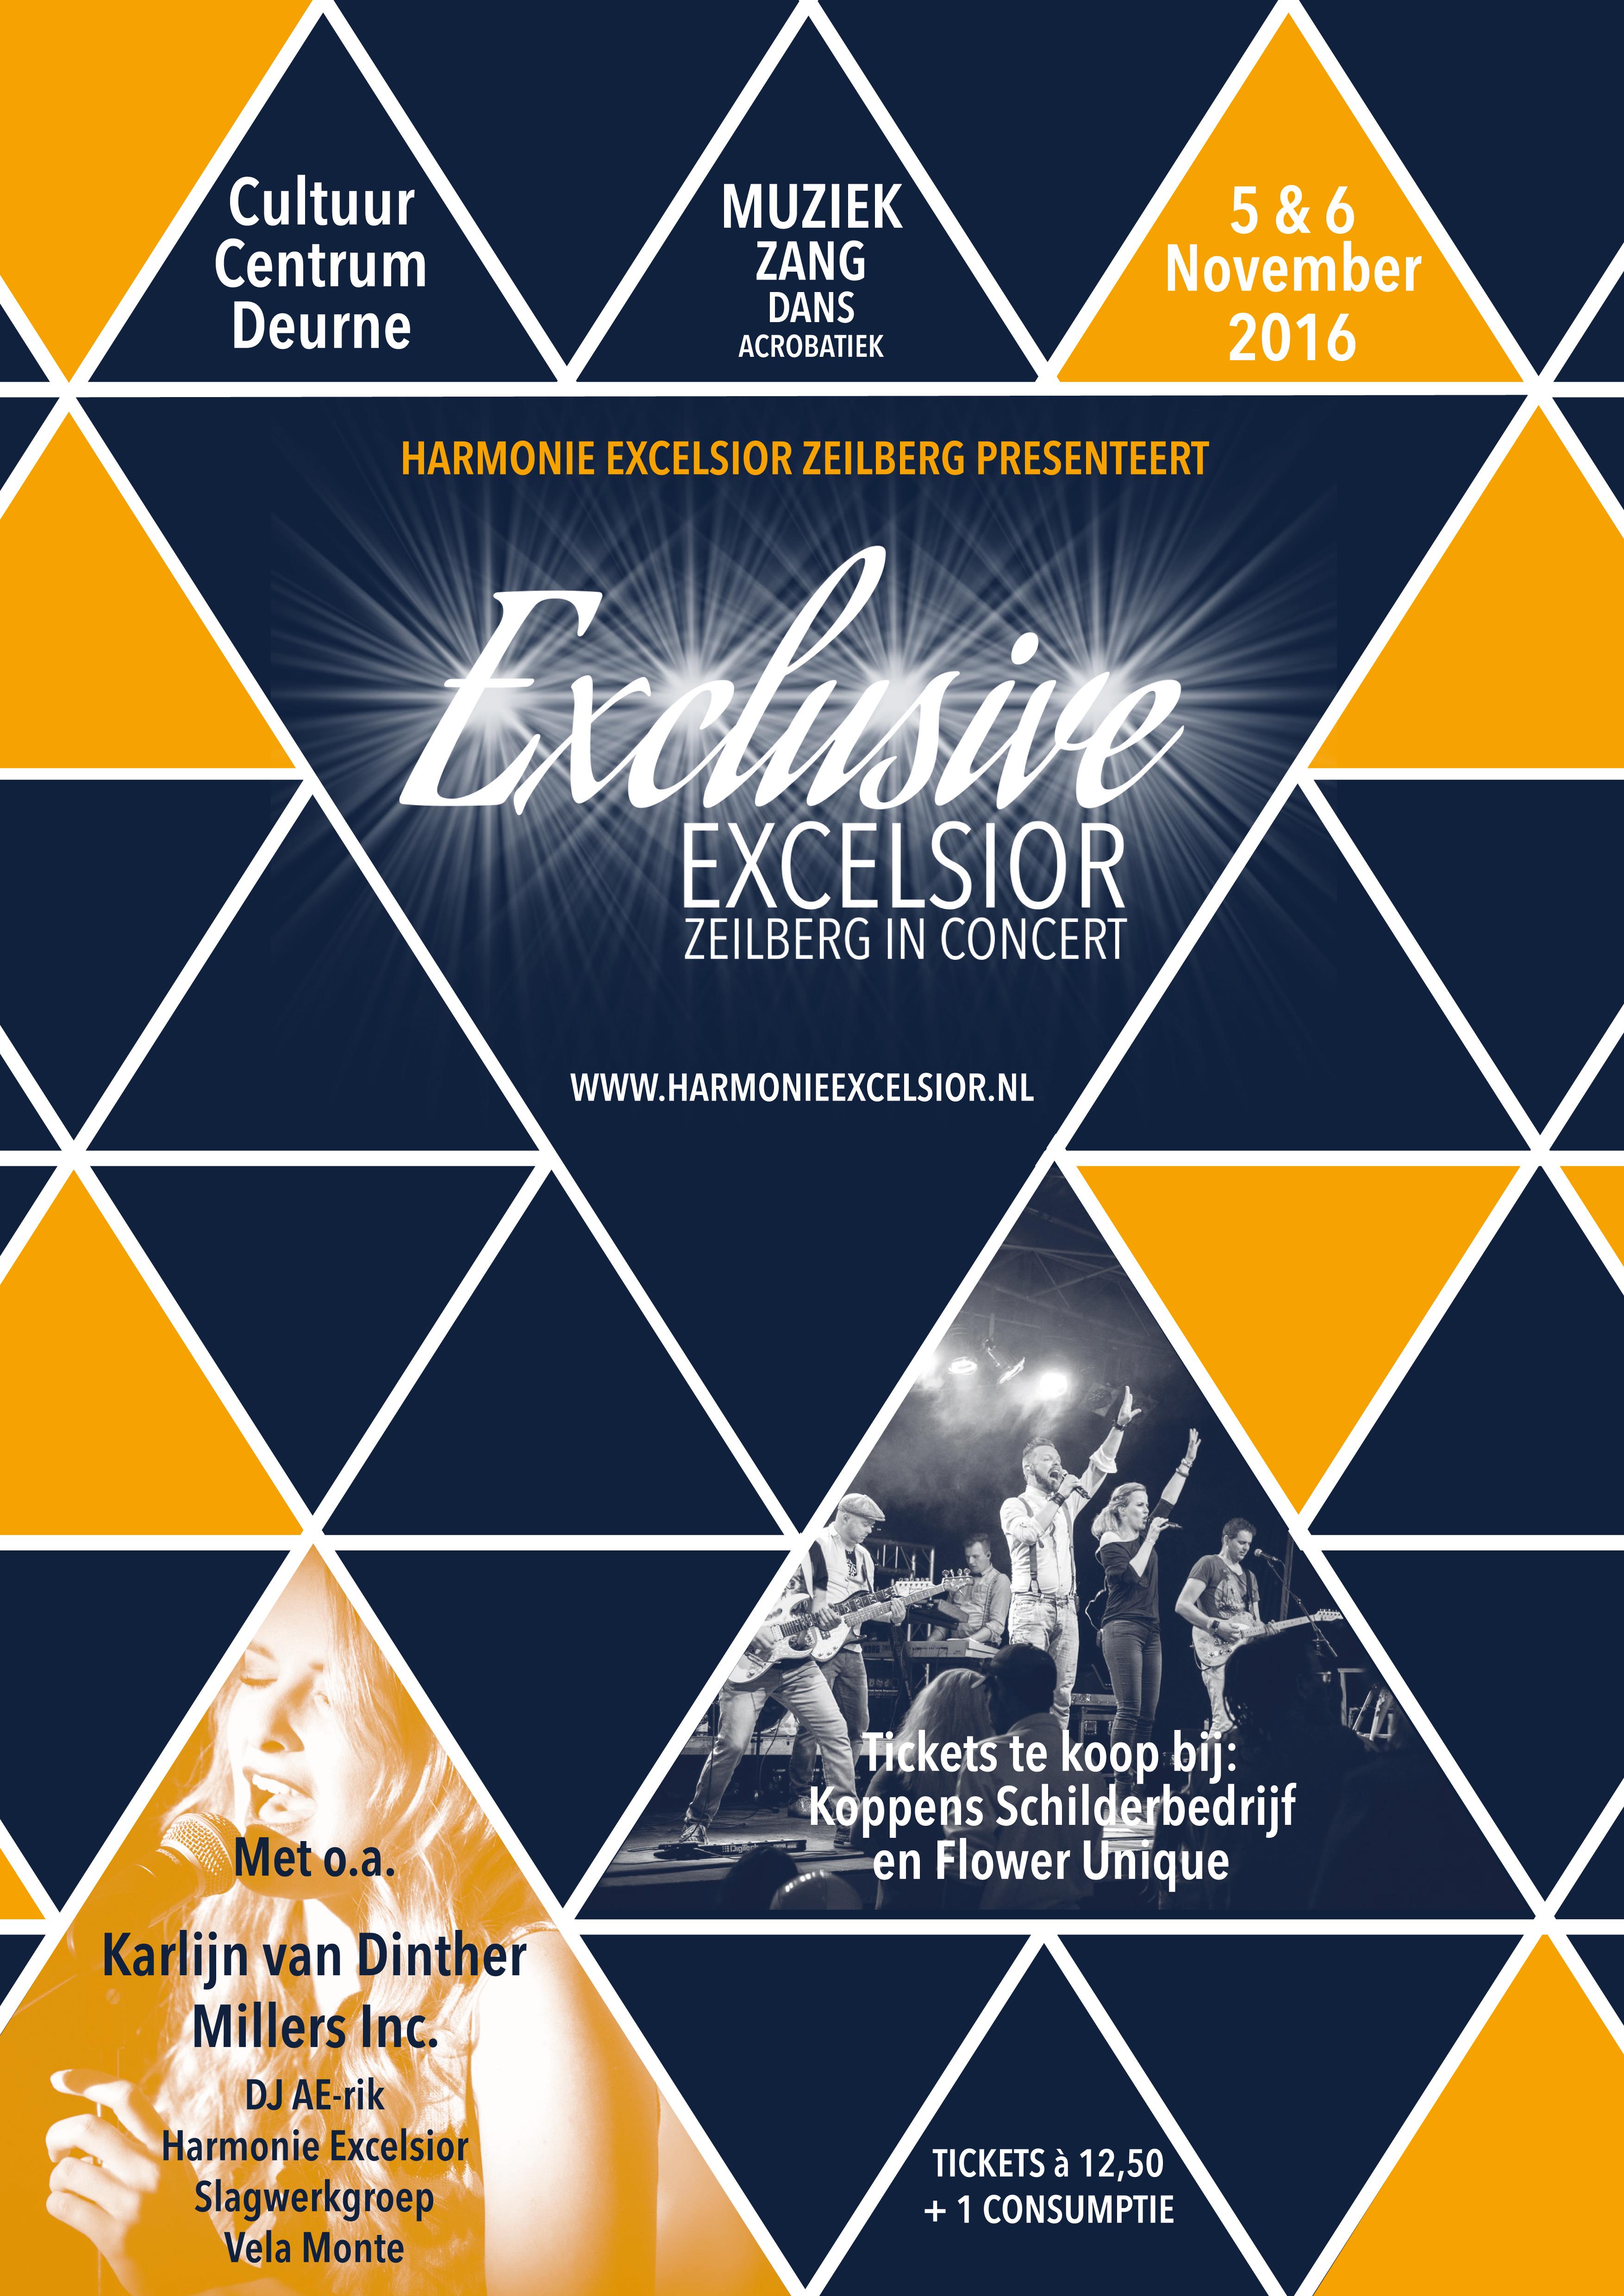 poster-excelsior1